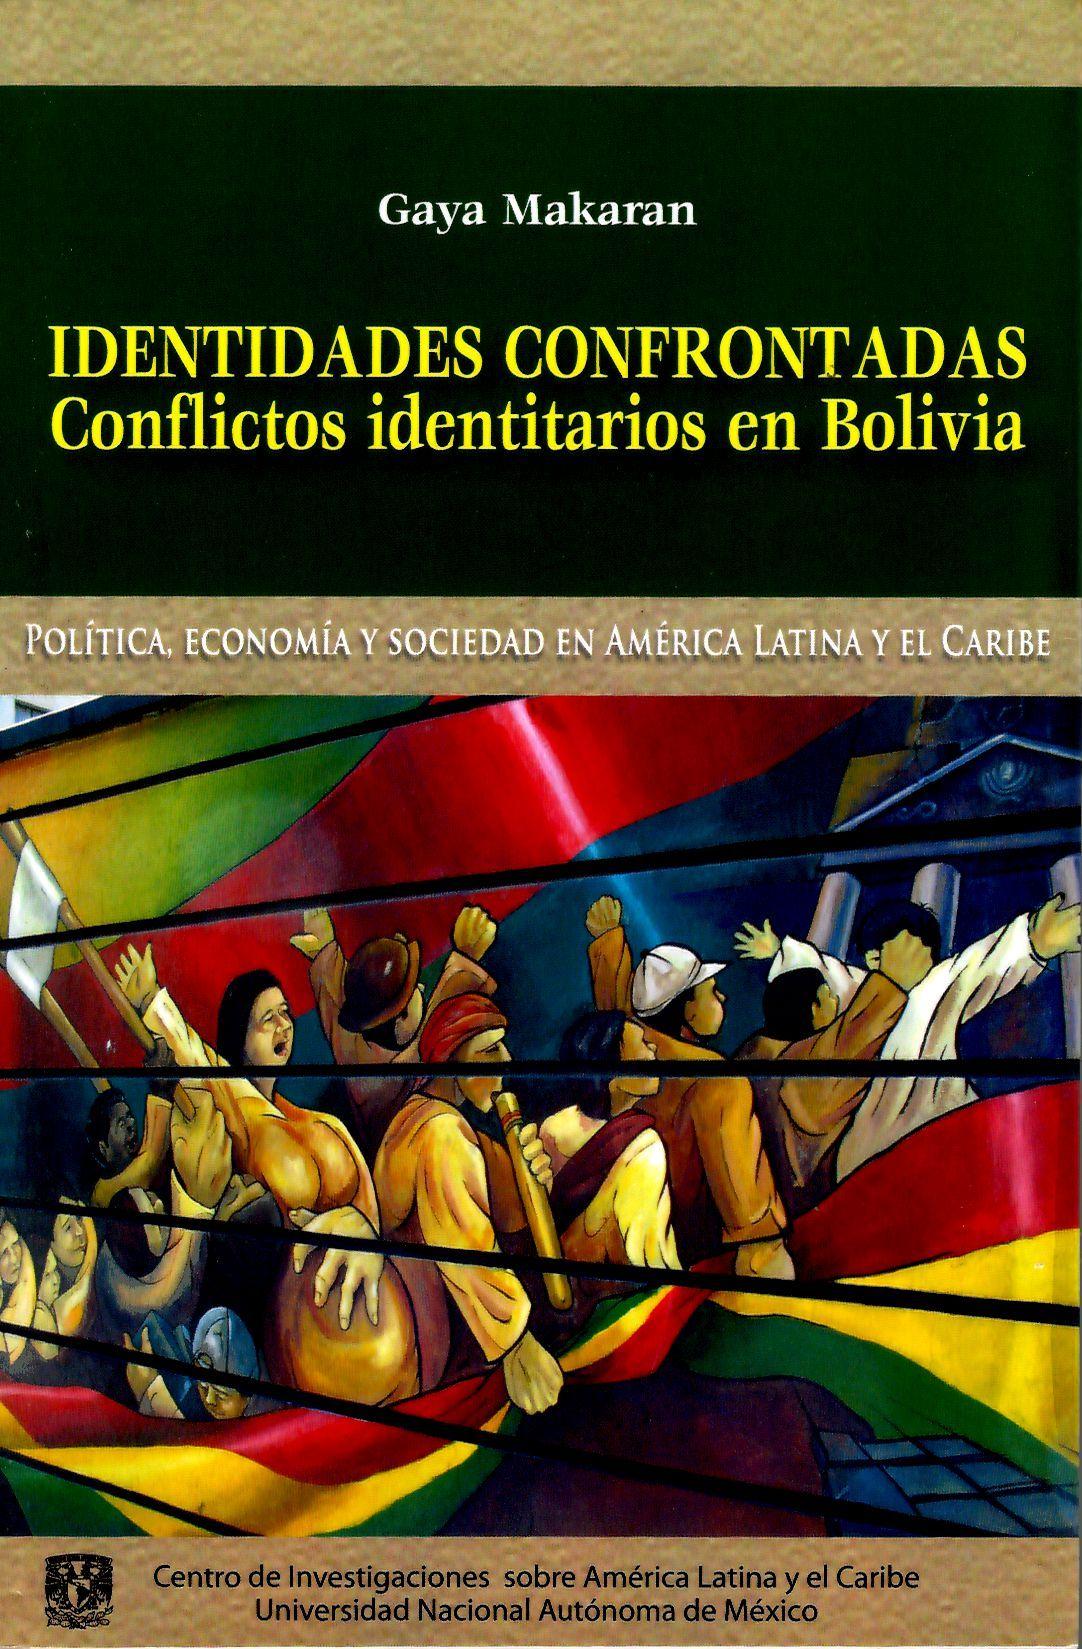 Identidades confrontadas. Conflictos identitarios en Bolivia